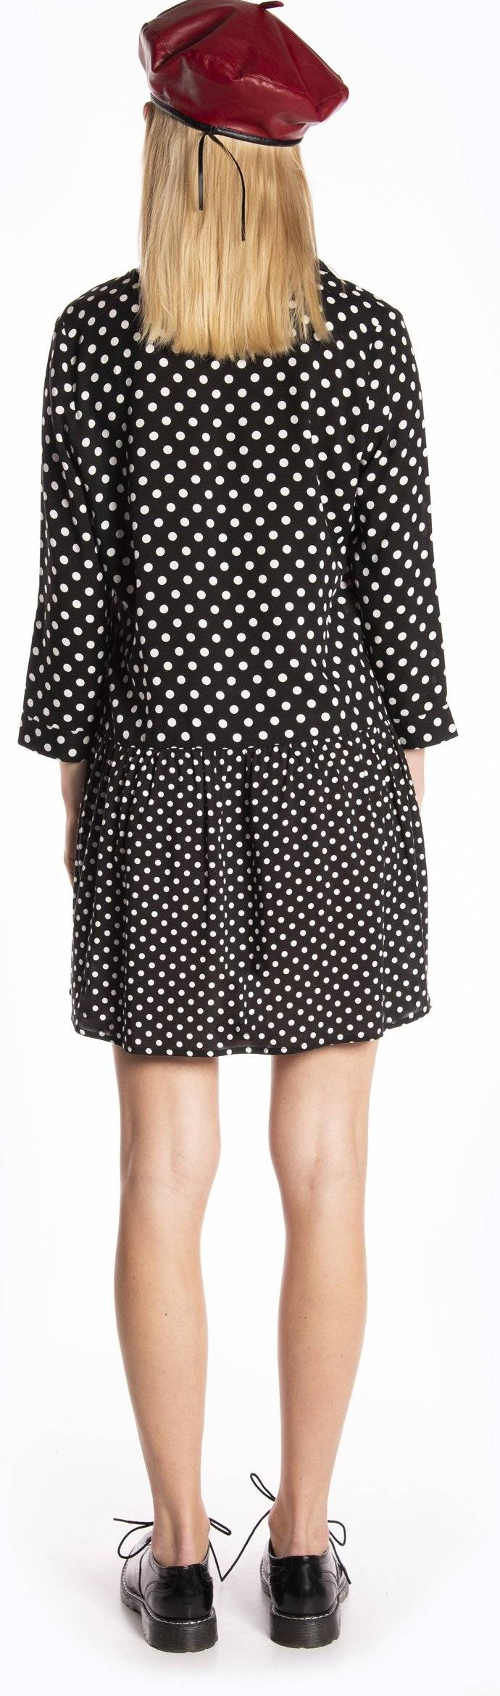 Černobílé puntíkované dámské šaty s tříčtvrtečními rukávy